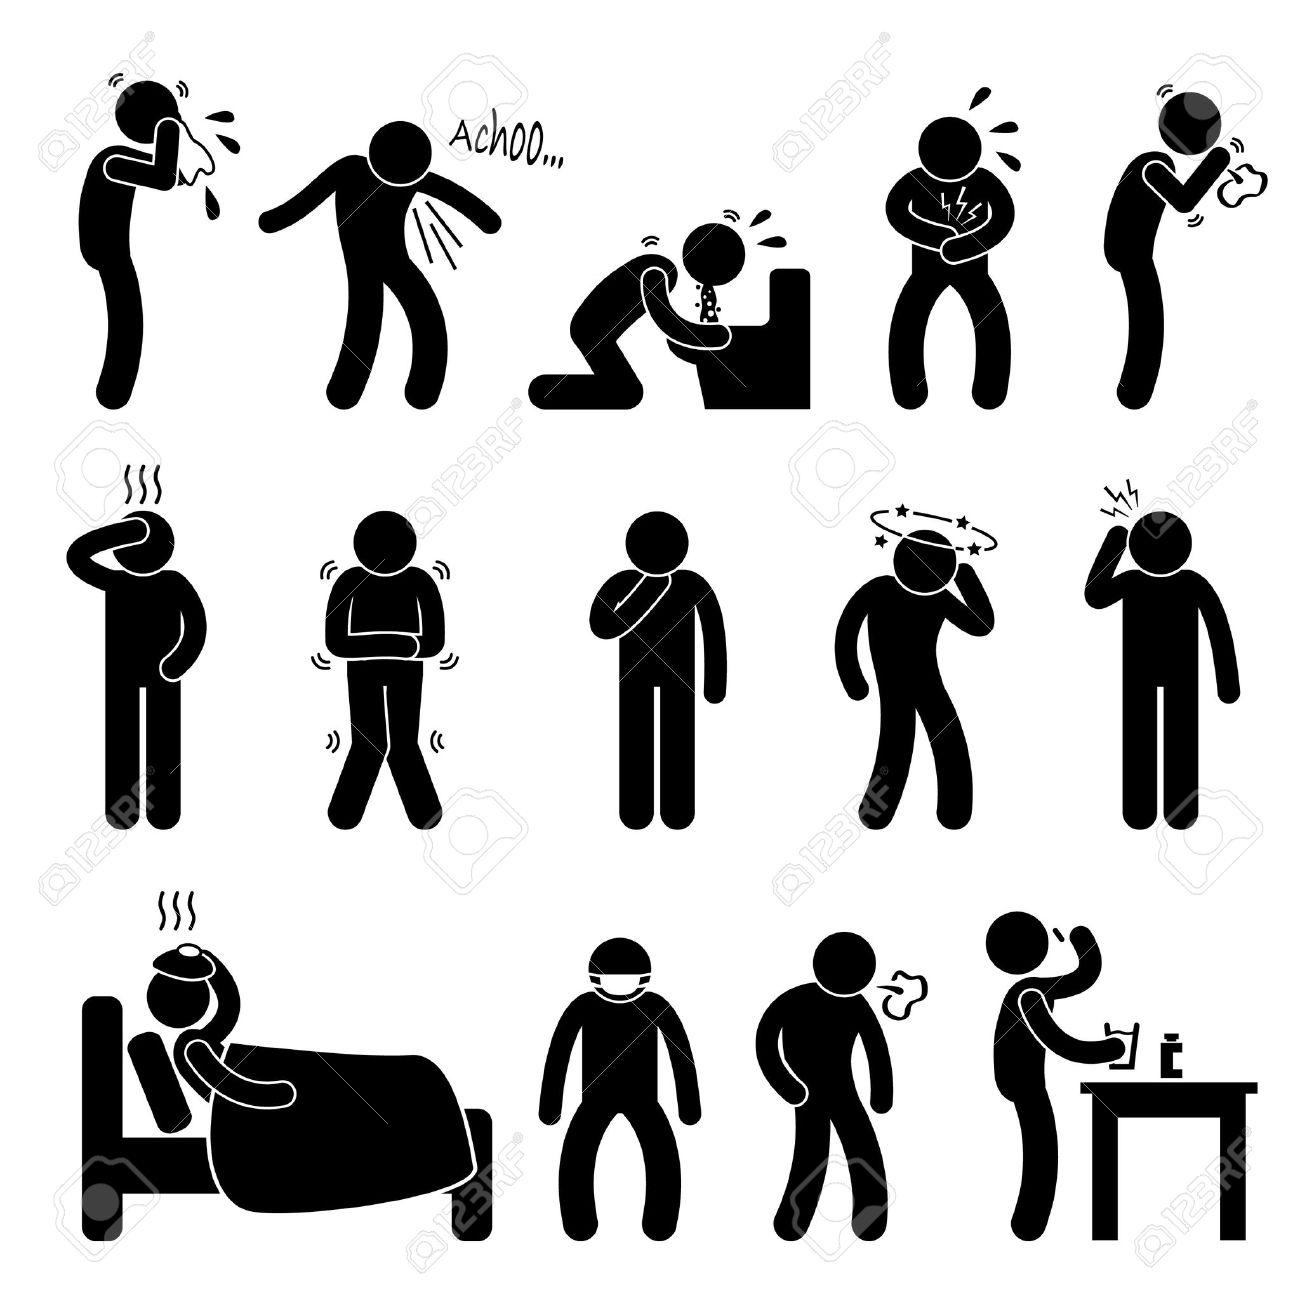 https://i0.wp.com/previews.123rf.com/images/leremy/leremy1304/leremy130400139/18797522-Malato-malato-febbre-flu-freddo-Starnuto-Tosse-Vomito-Disease-Stick-Figure-Pittogramma-Icona-Archivio-Fotografico.jpg